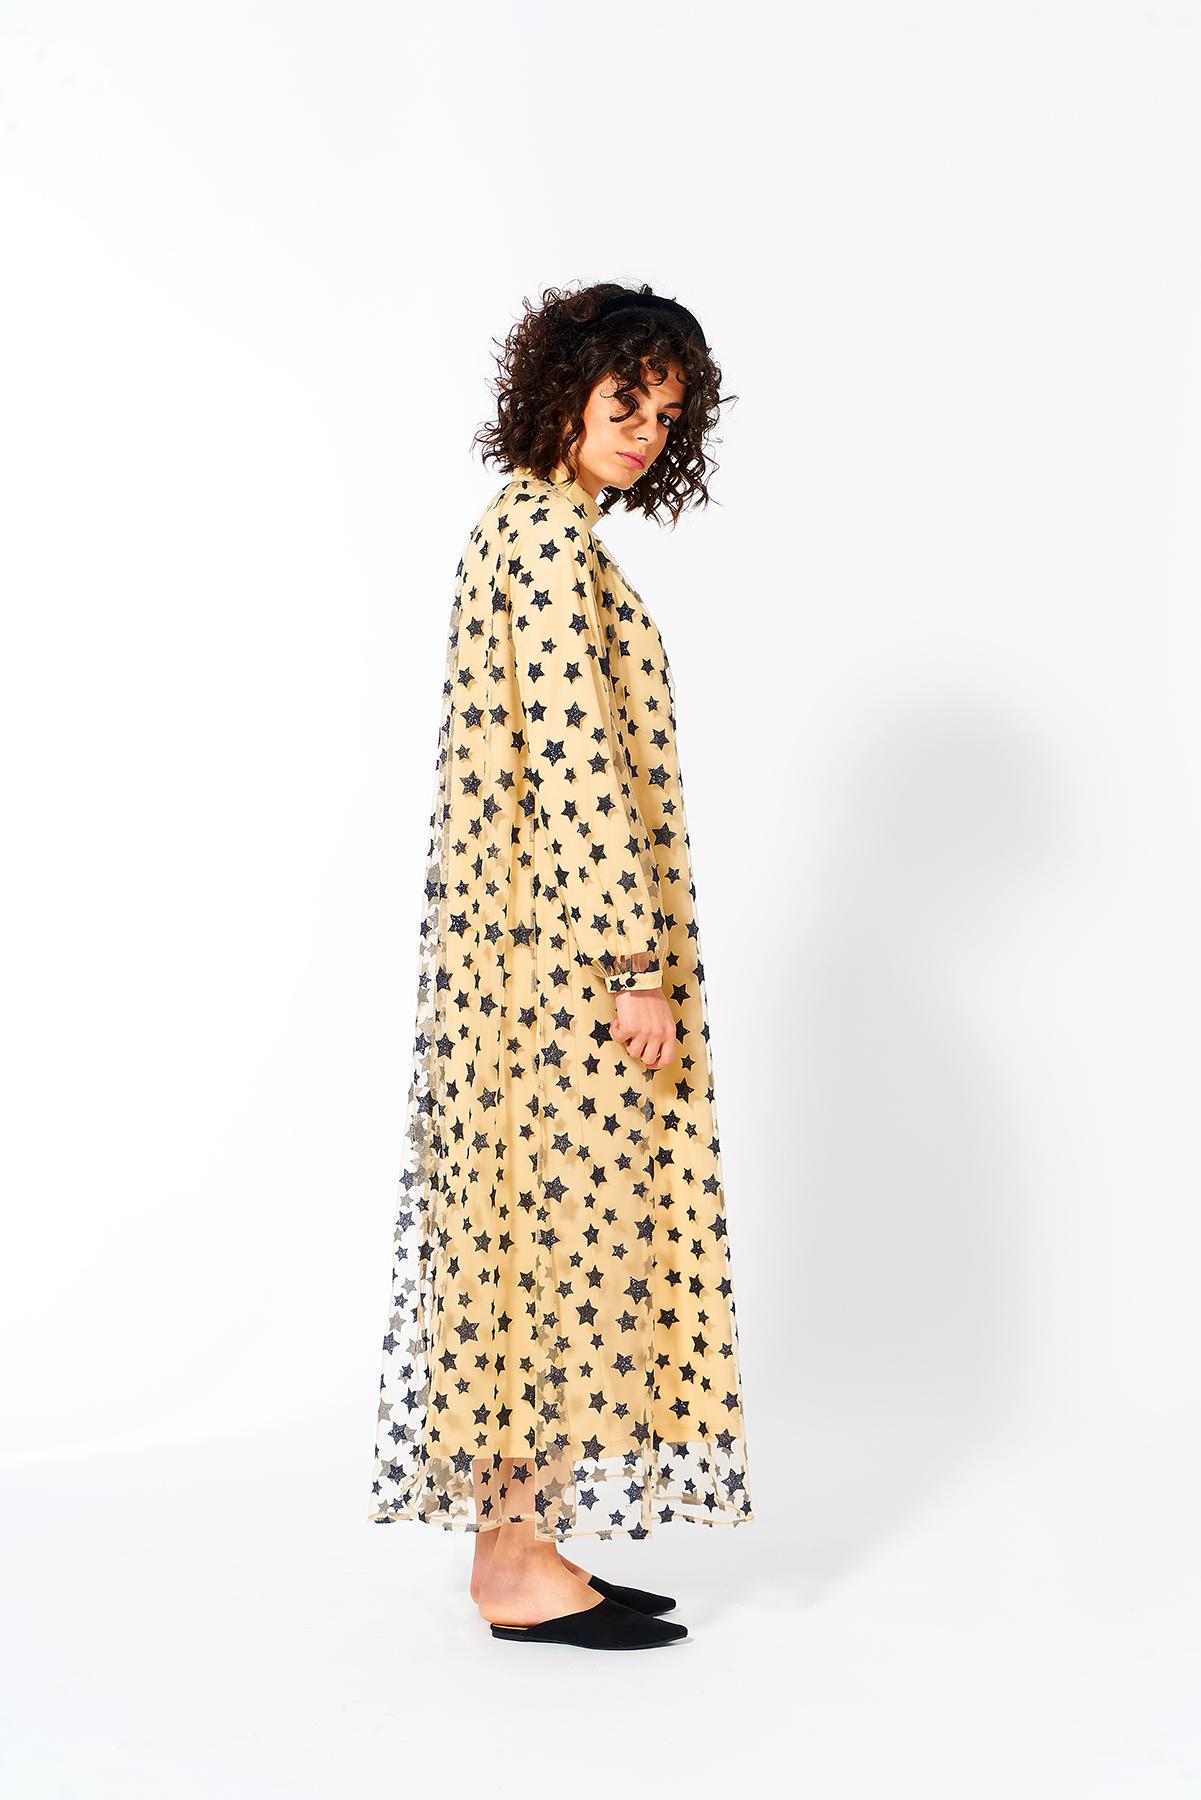 Mevra - Yıldız Desen Tül Elbise